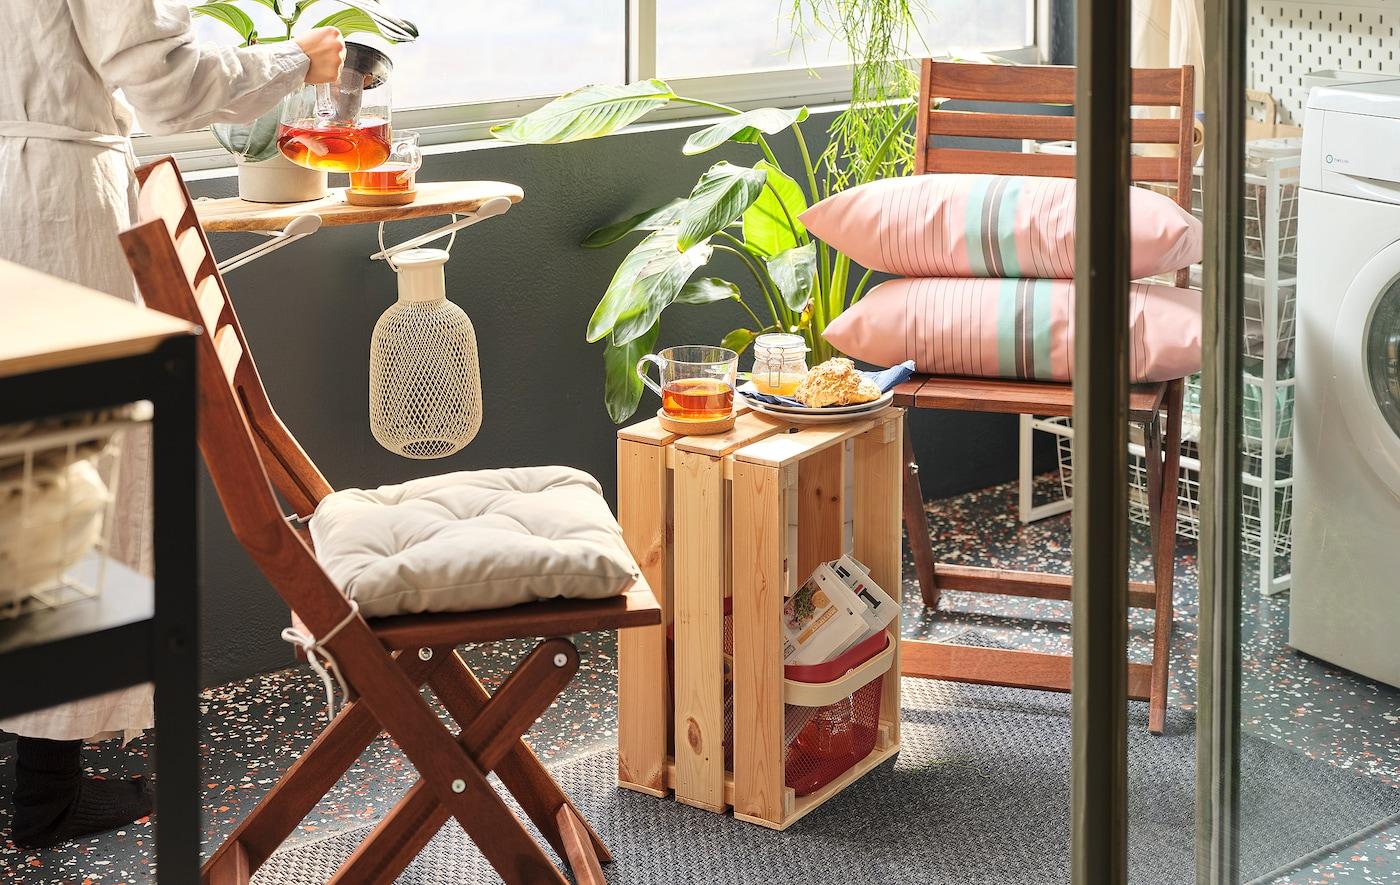 Suncem obasjan kutak za ispijanje kave na balkonu sa sklopivim stolicama i KNAGGLIG kutijom okrenutom na bok tako da služi kao stolić.